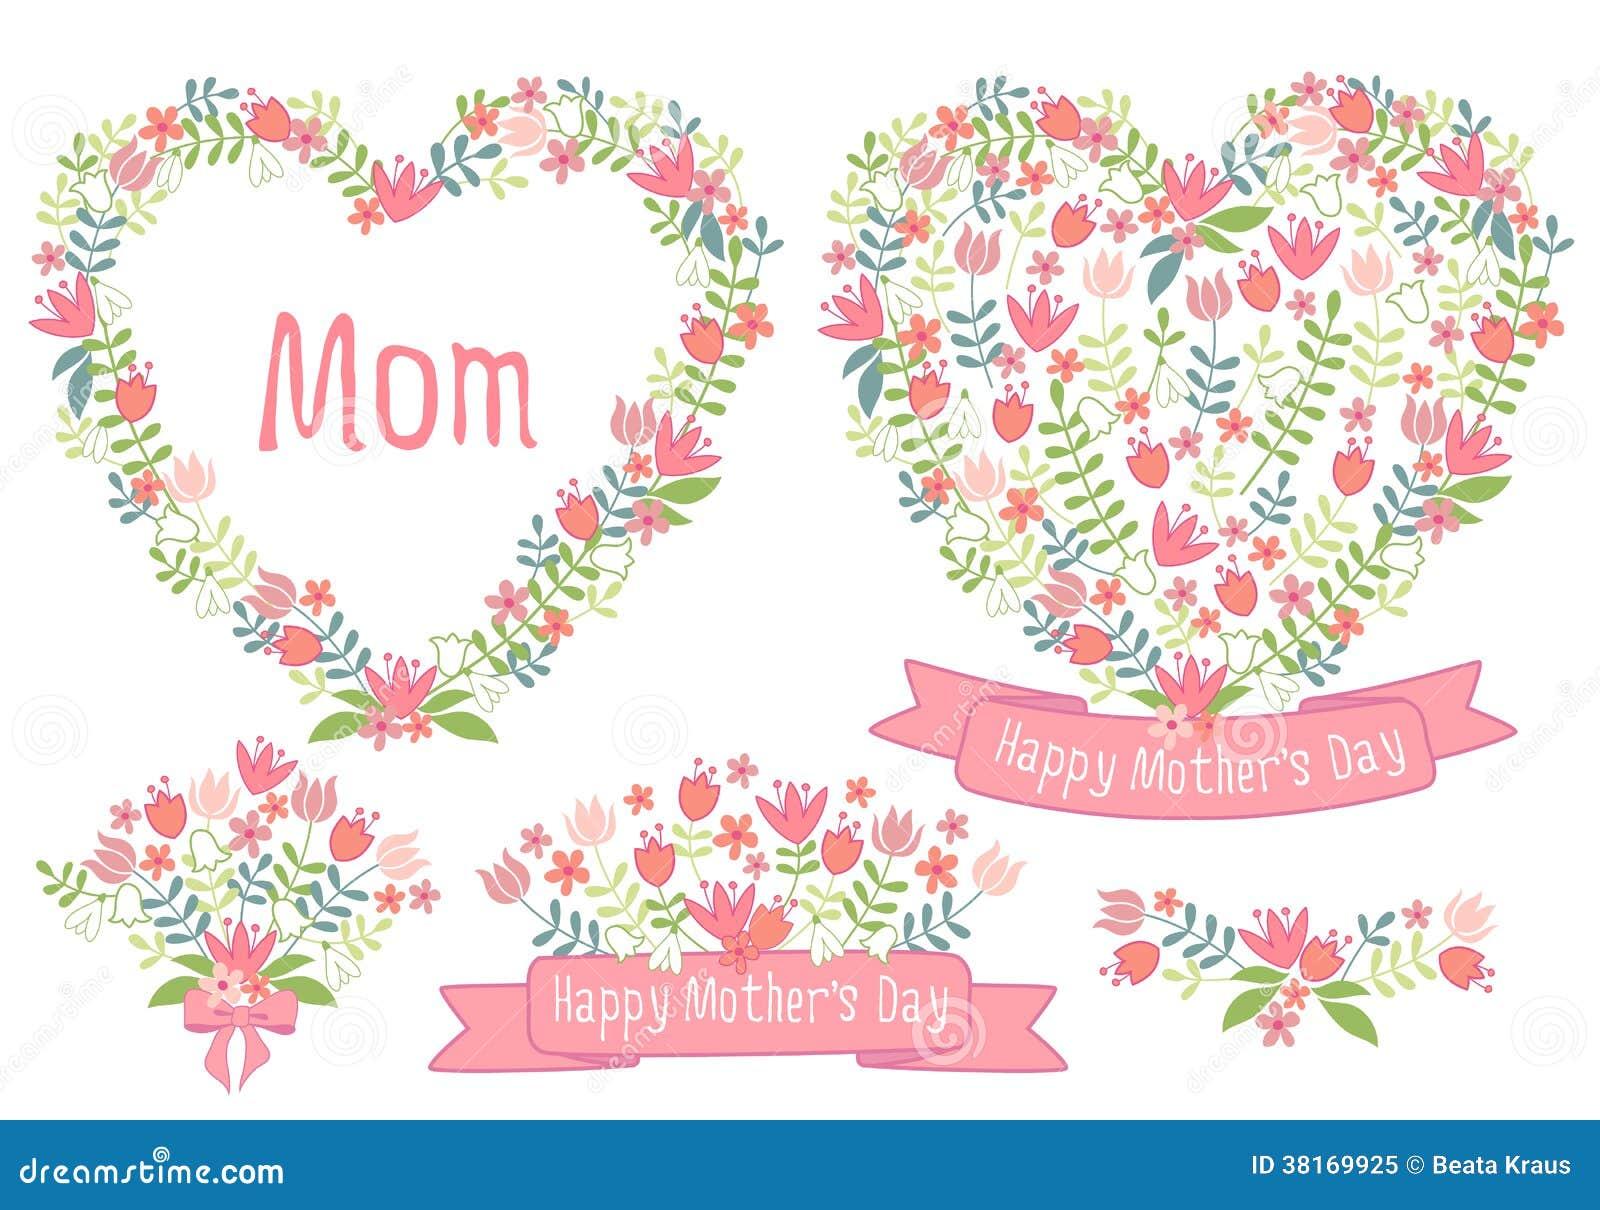 Feliz Día de las Madres - Tarjetas animadas gratis de